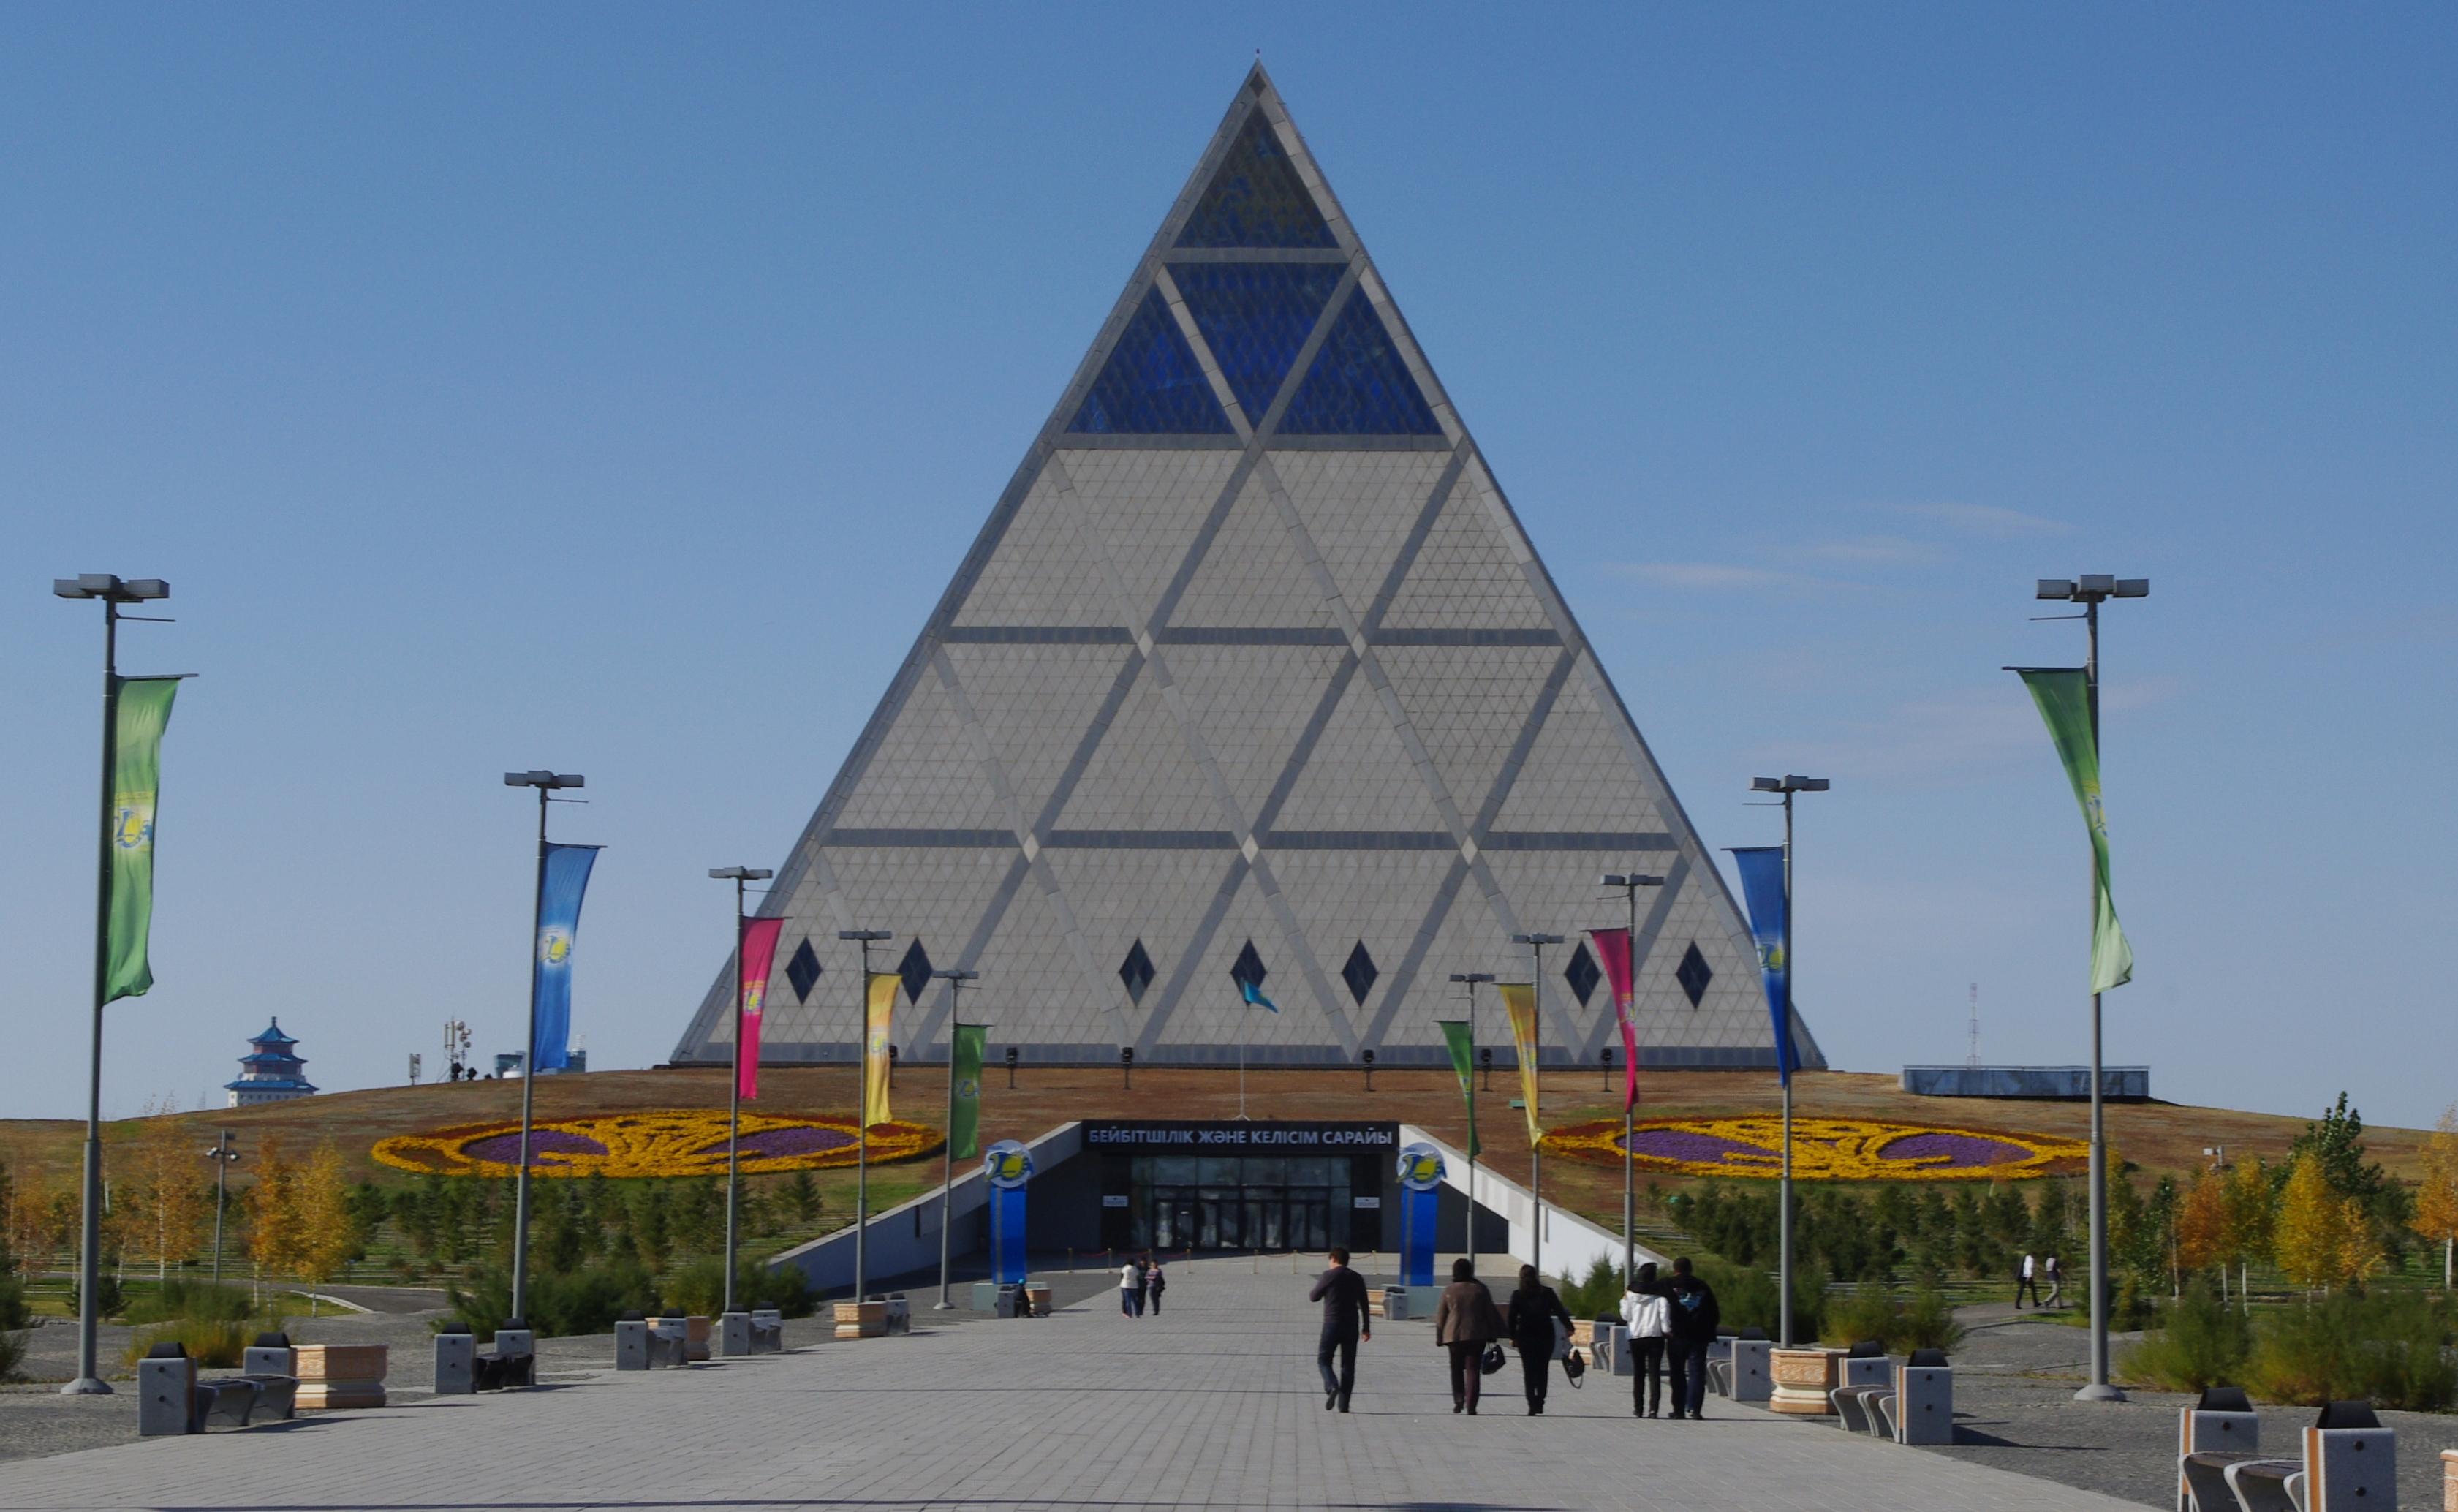 Constructia de orase tip piramida